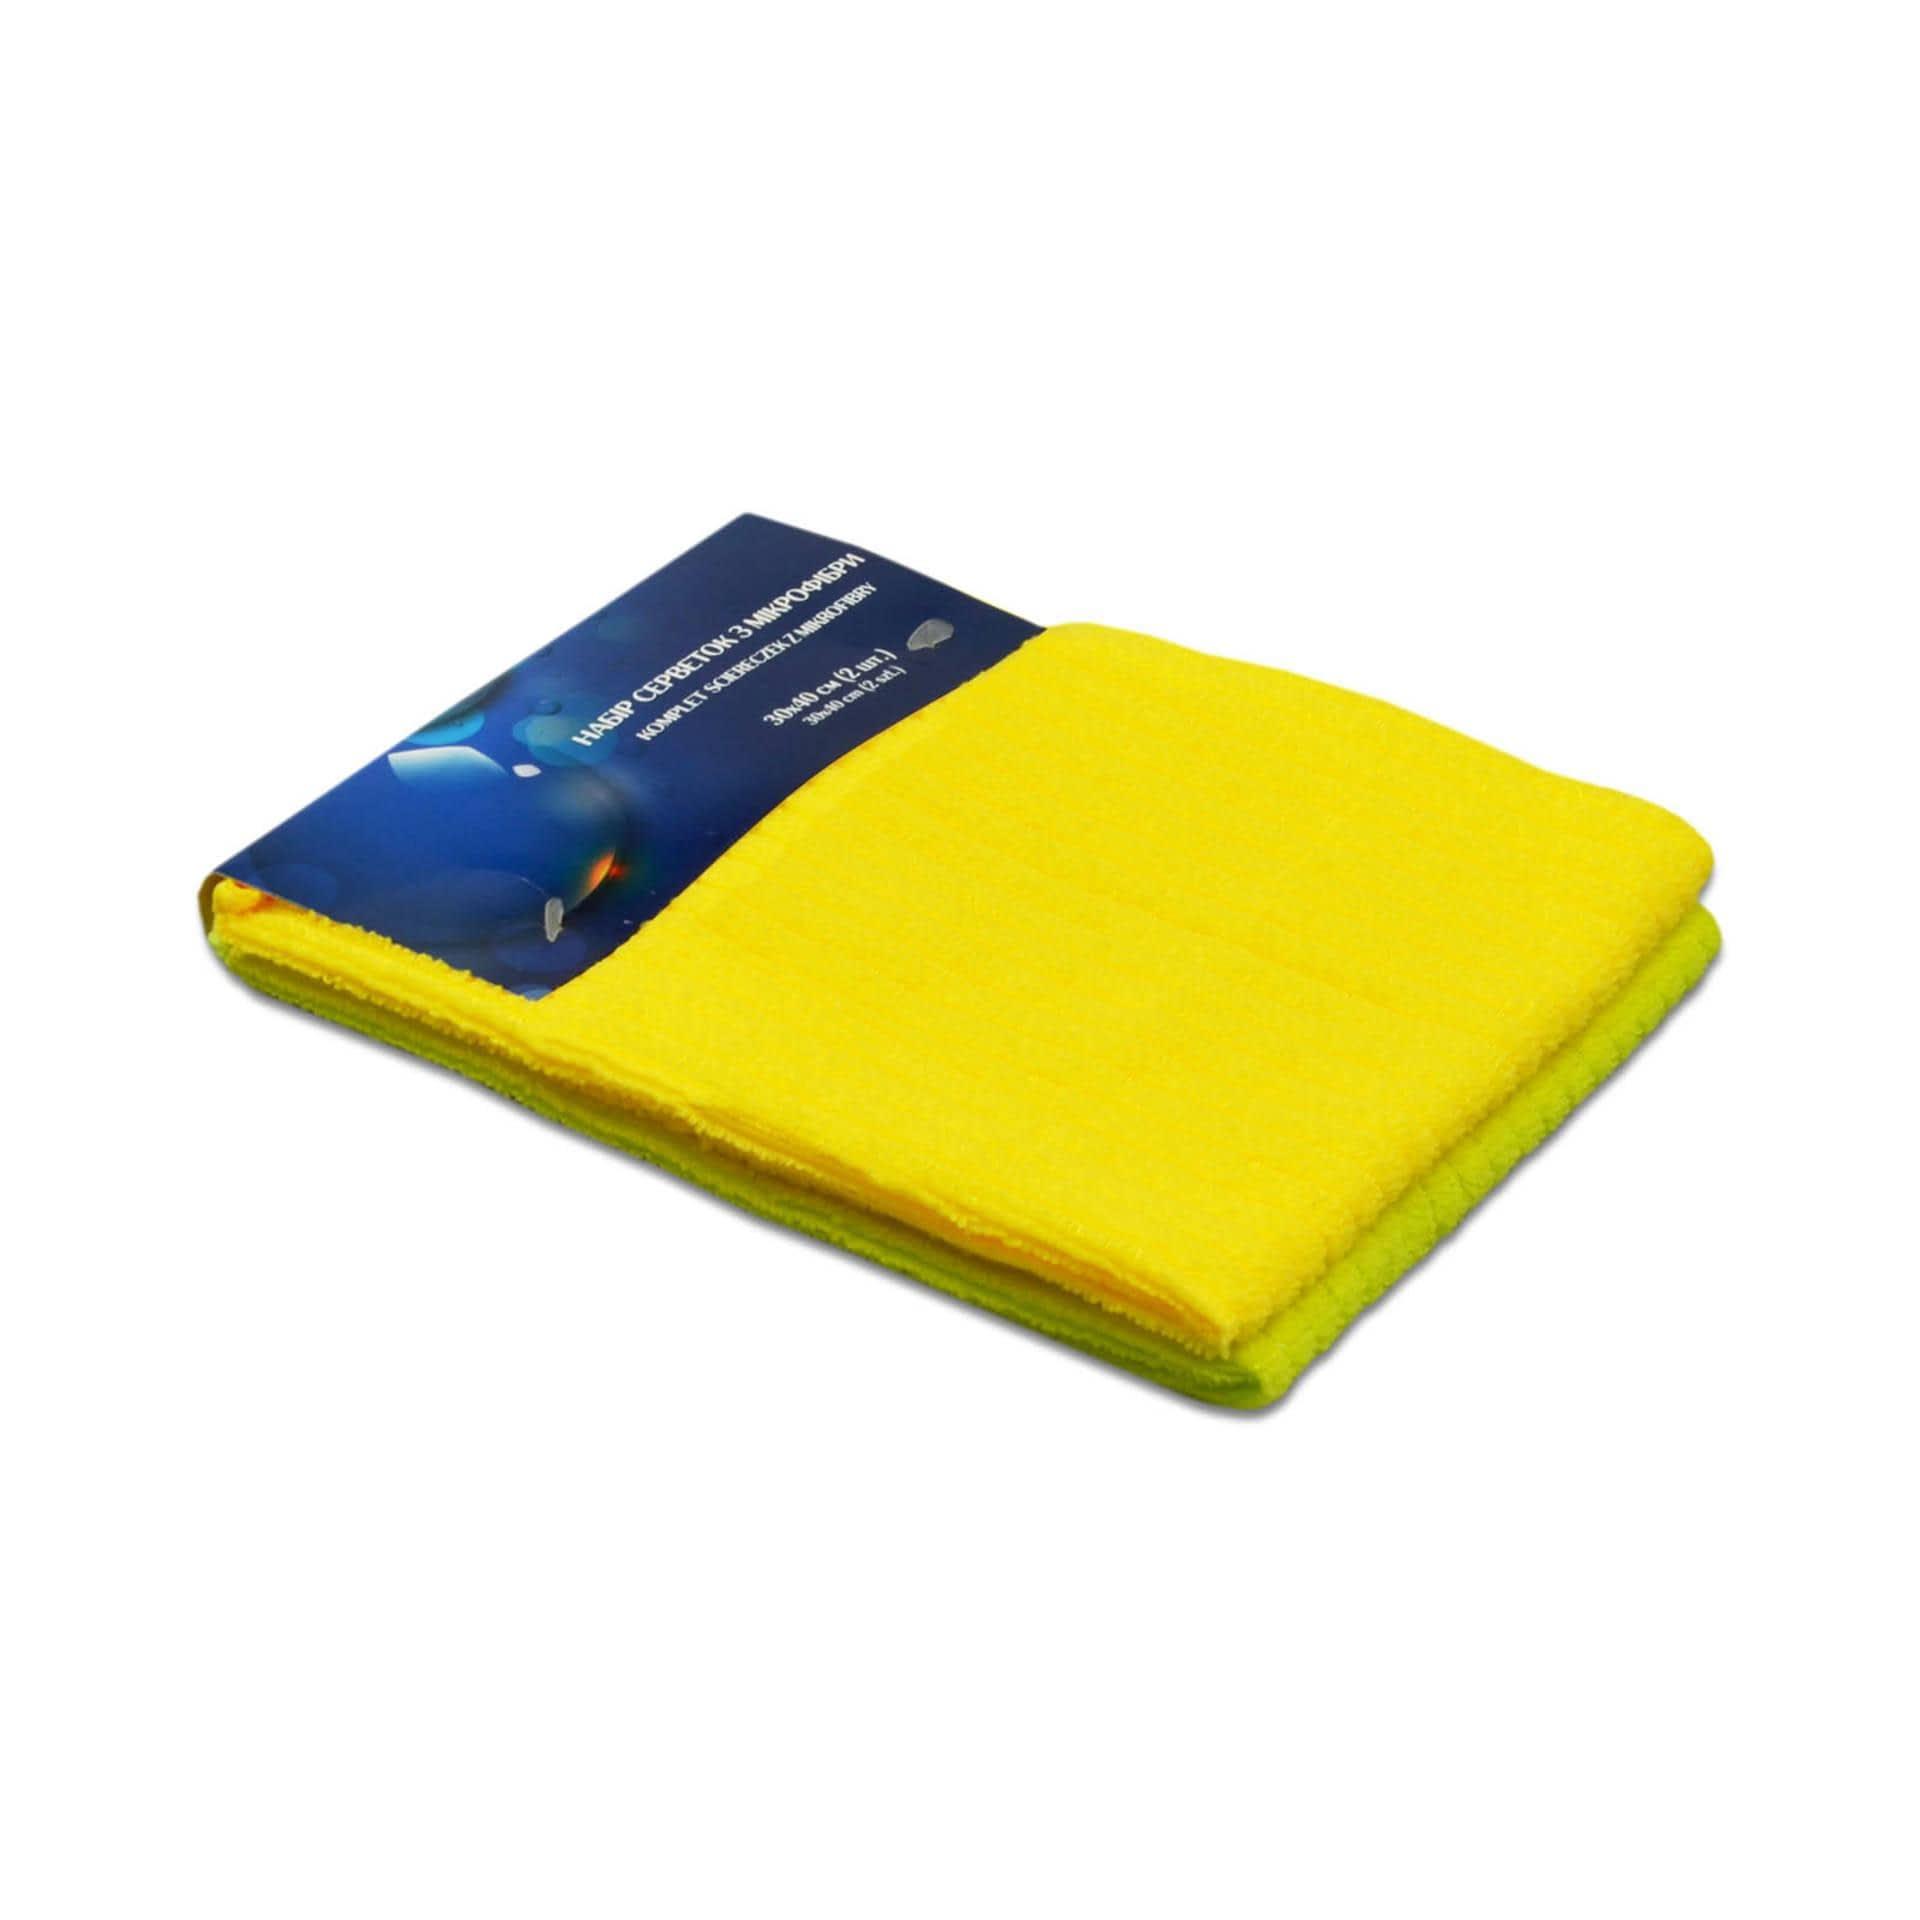 Тканини кухонні рушники - Набір серветок кухонних мікрофібра жовто-зелені 30х40 см 2 шт.